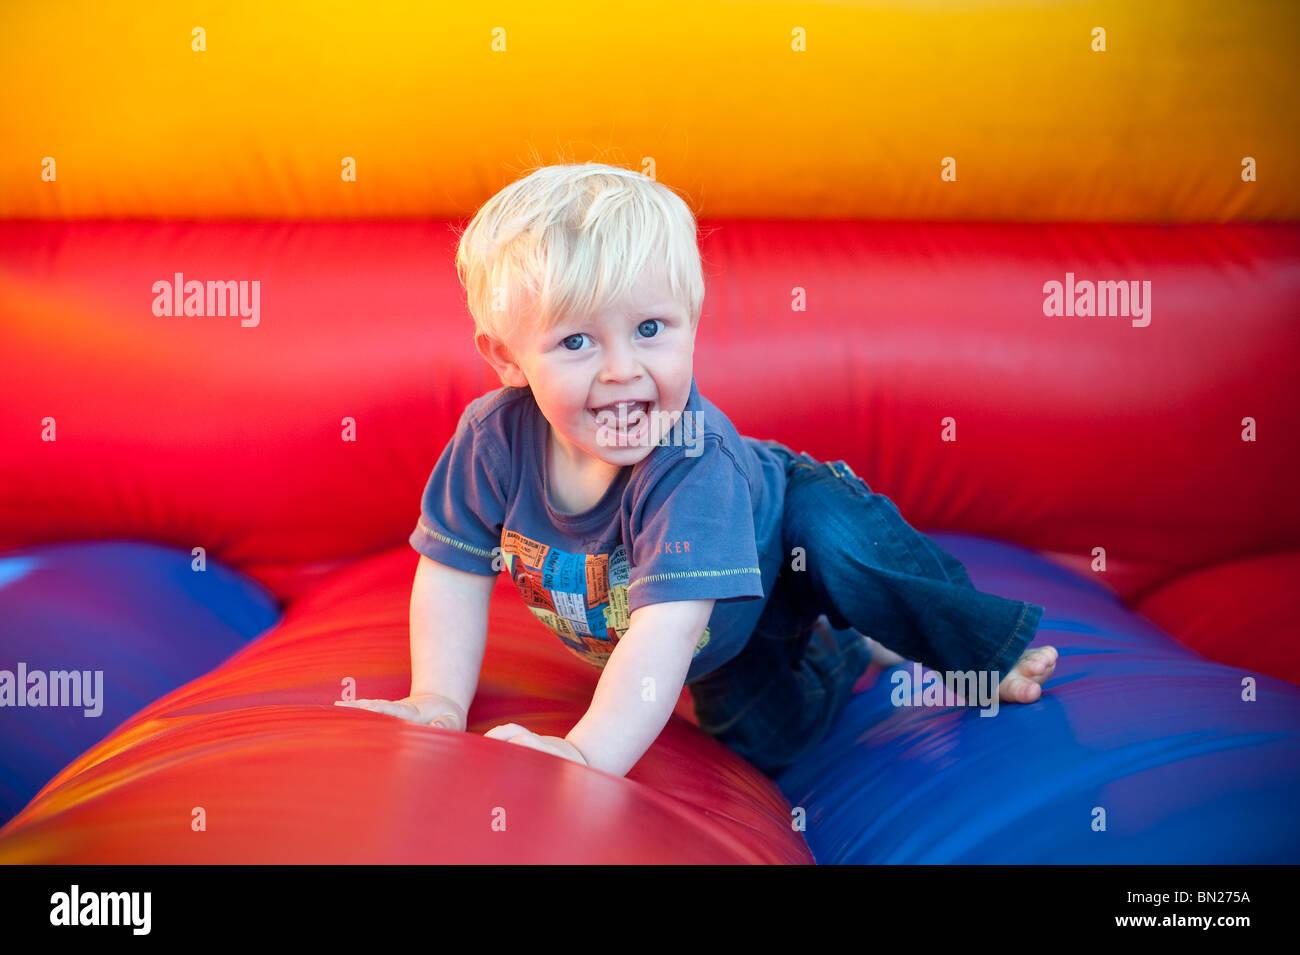 Glücklich lächelnd blonde junge Kleinkind auf der Hüpfburg spielen Stockbild